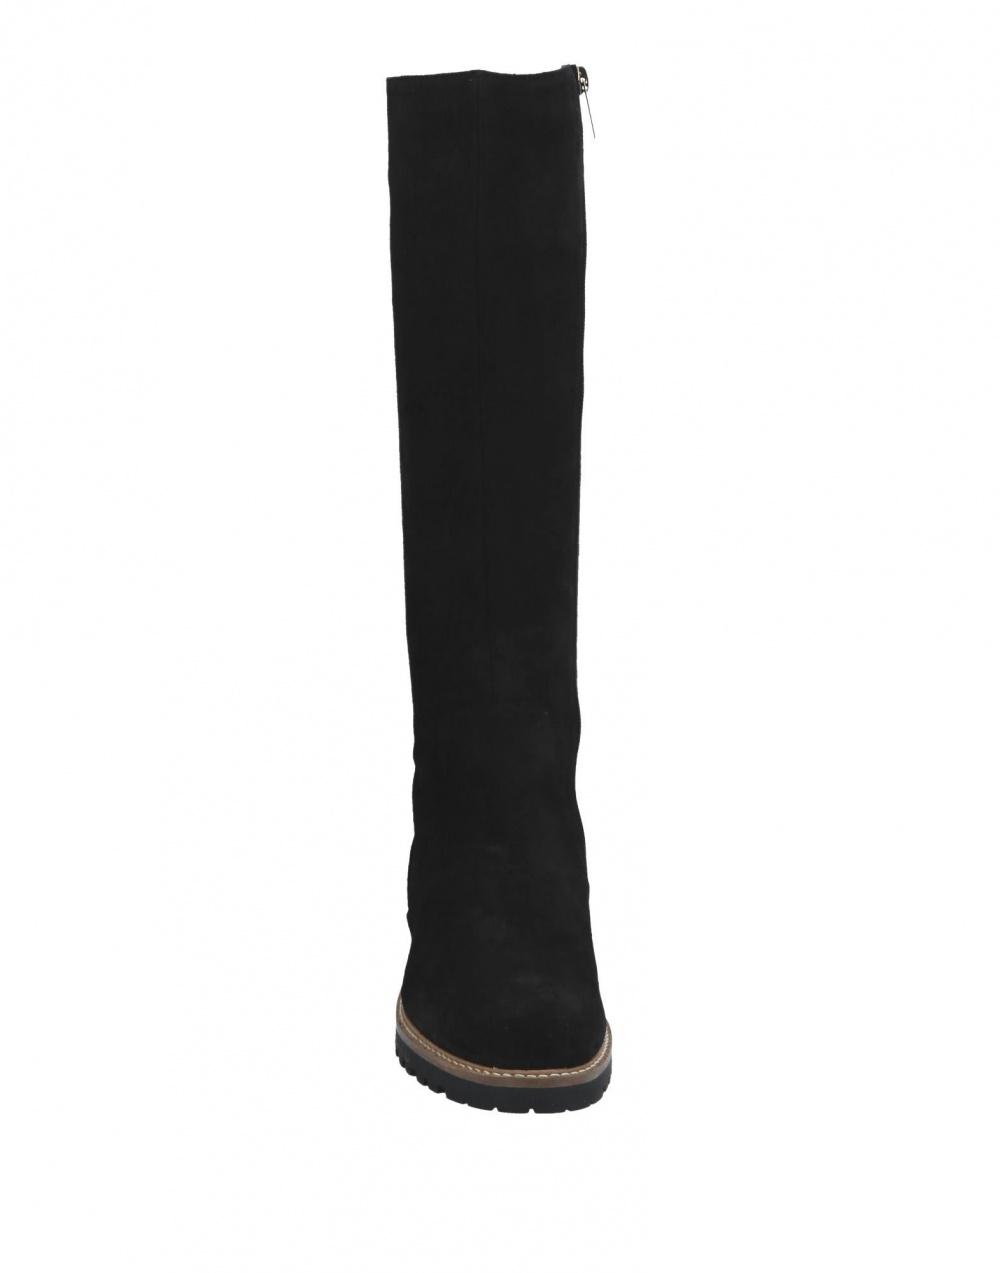 Сапоги Fiorangelo, 38-38,5 размер